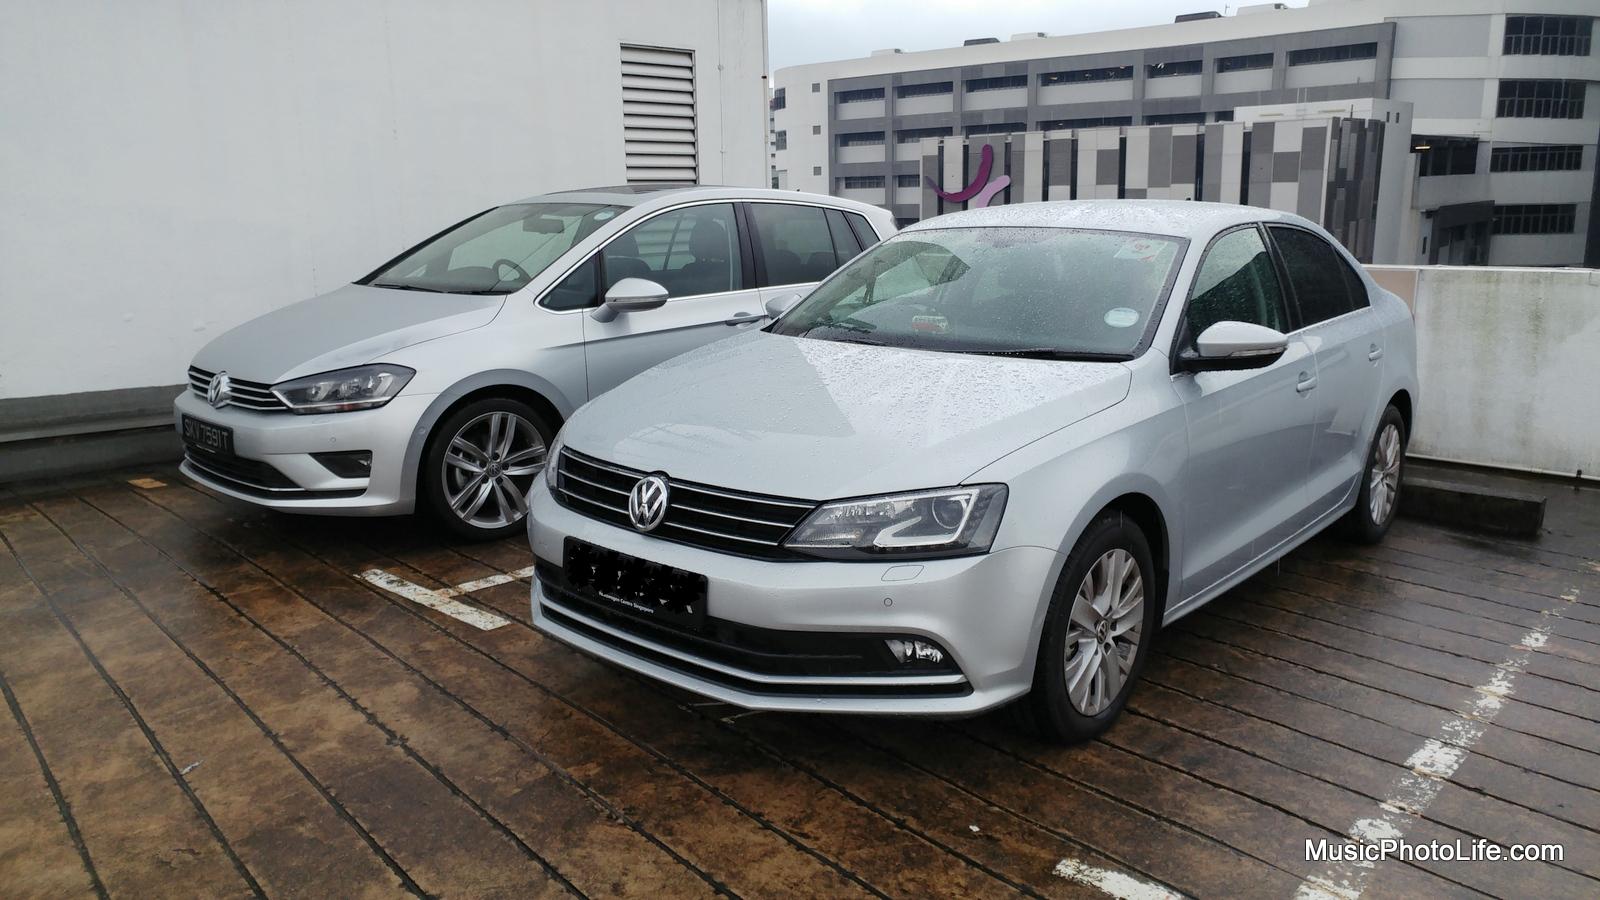 VW Sportsvan and Jetta side by side